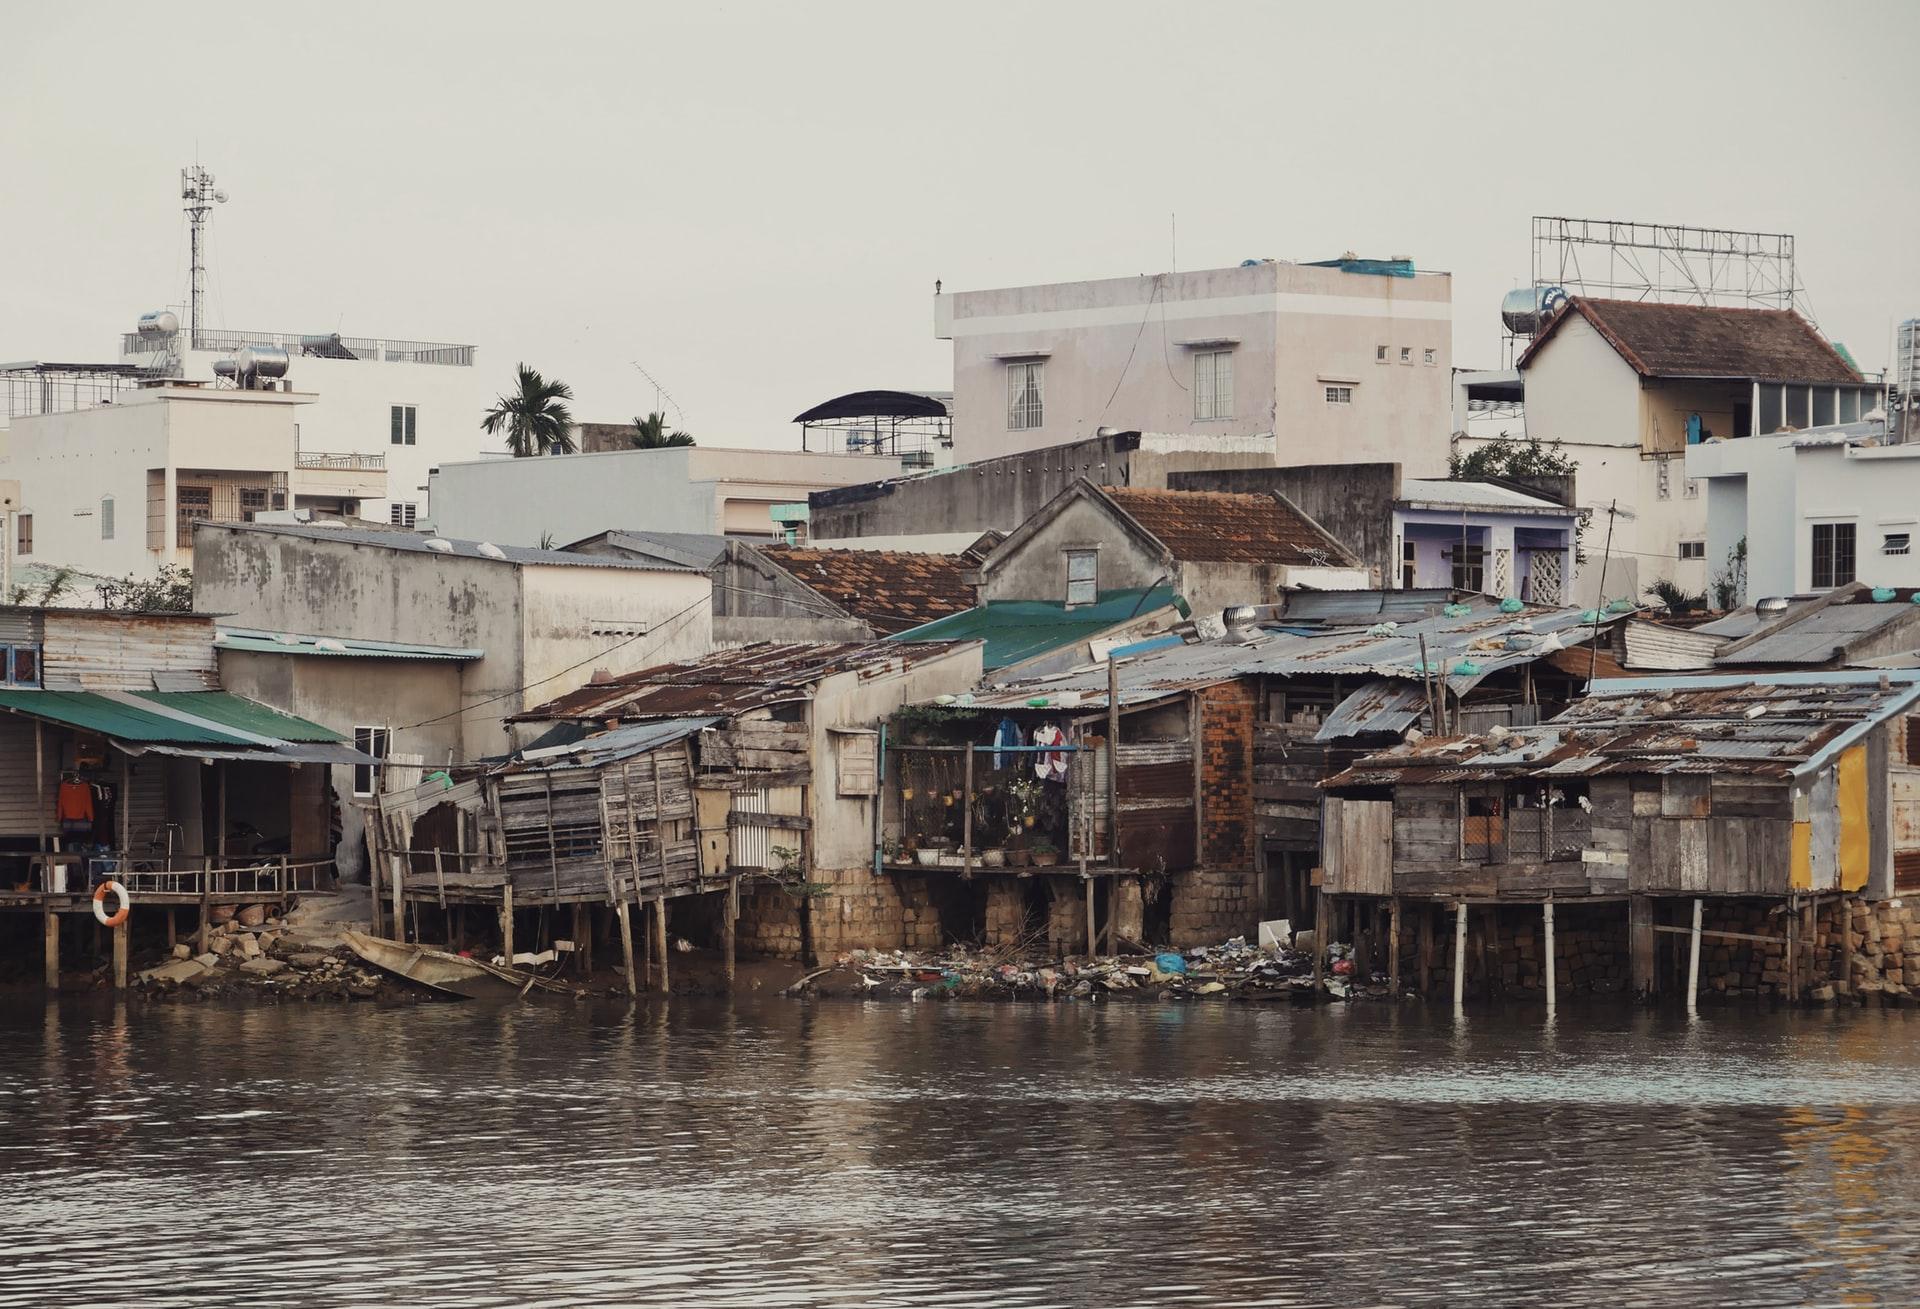 Eine schlechte Wasserinfrastruktur ist laut UN ein höheres Risiko als das Coronavirus